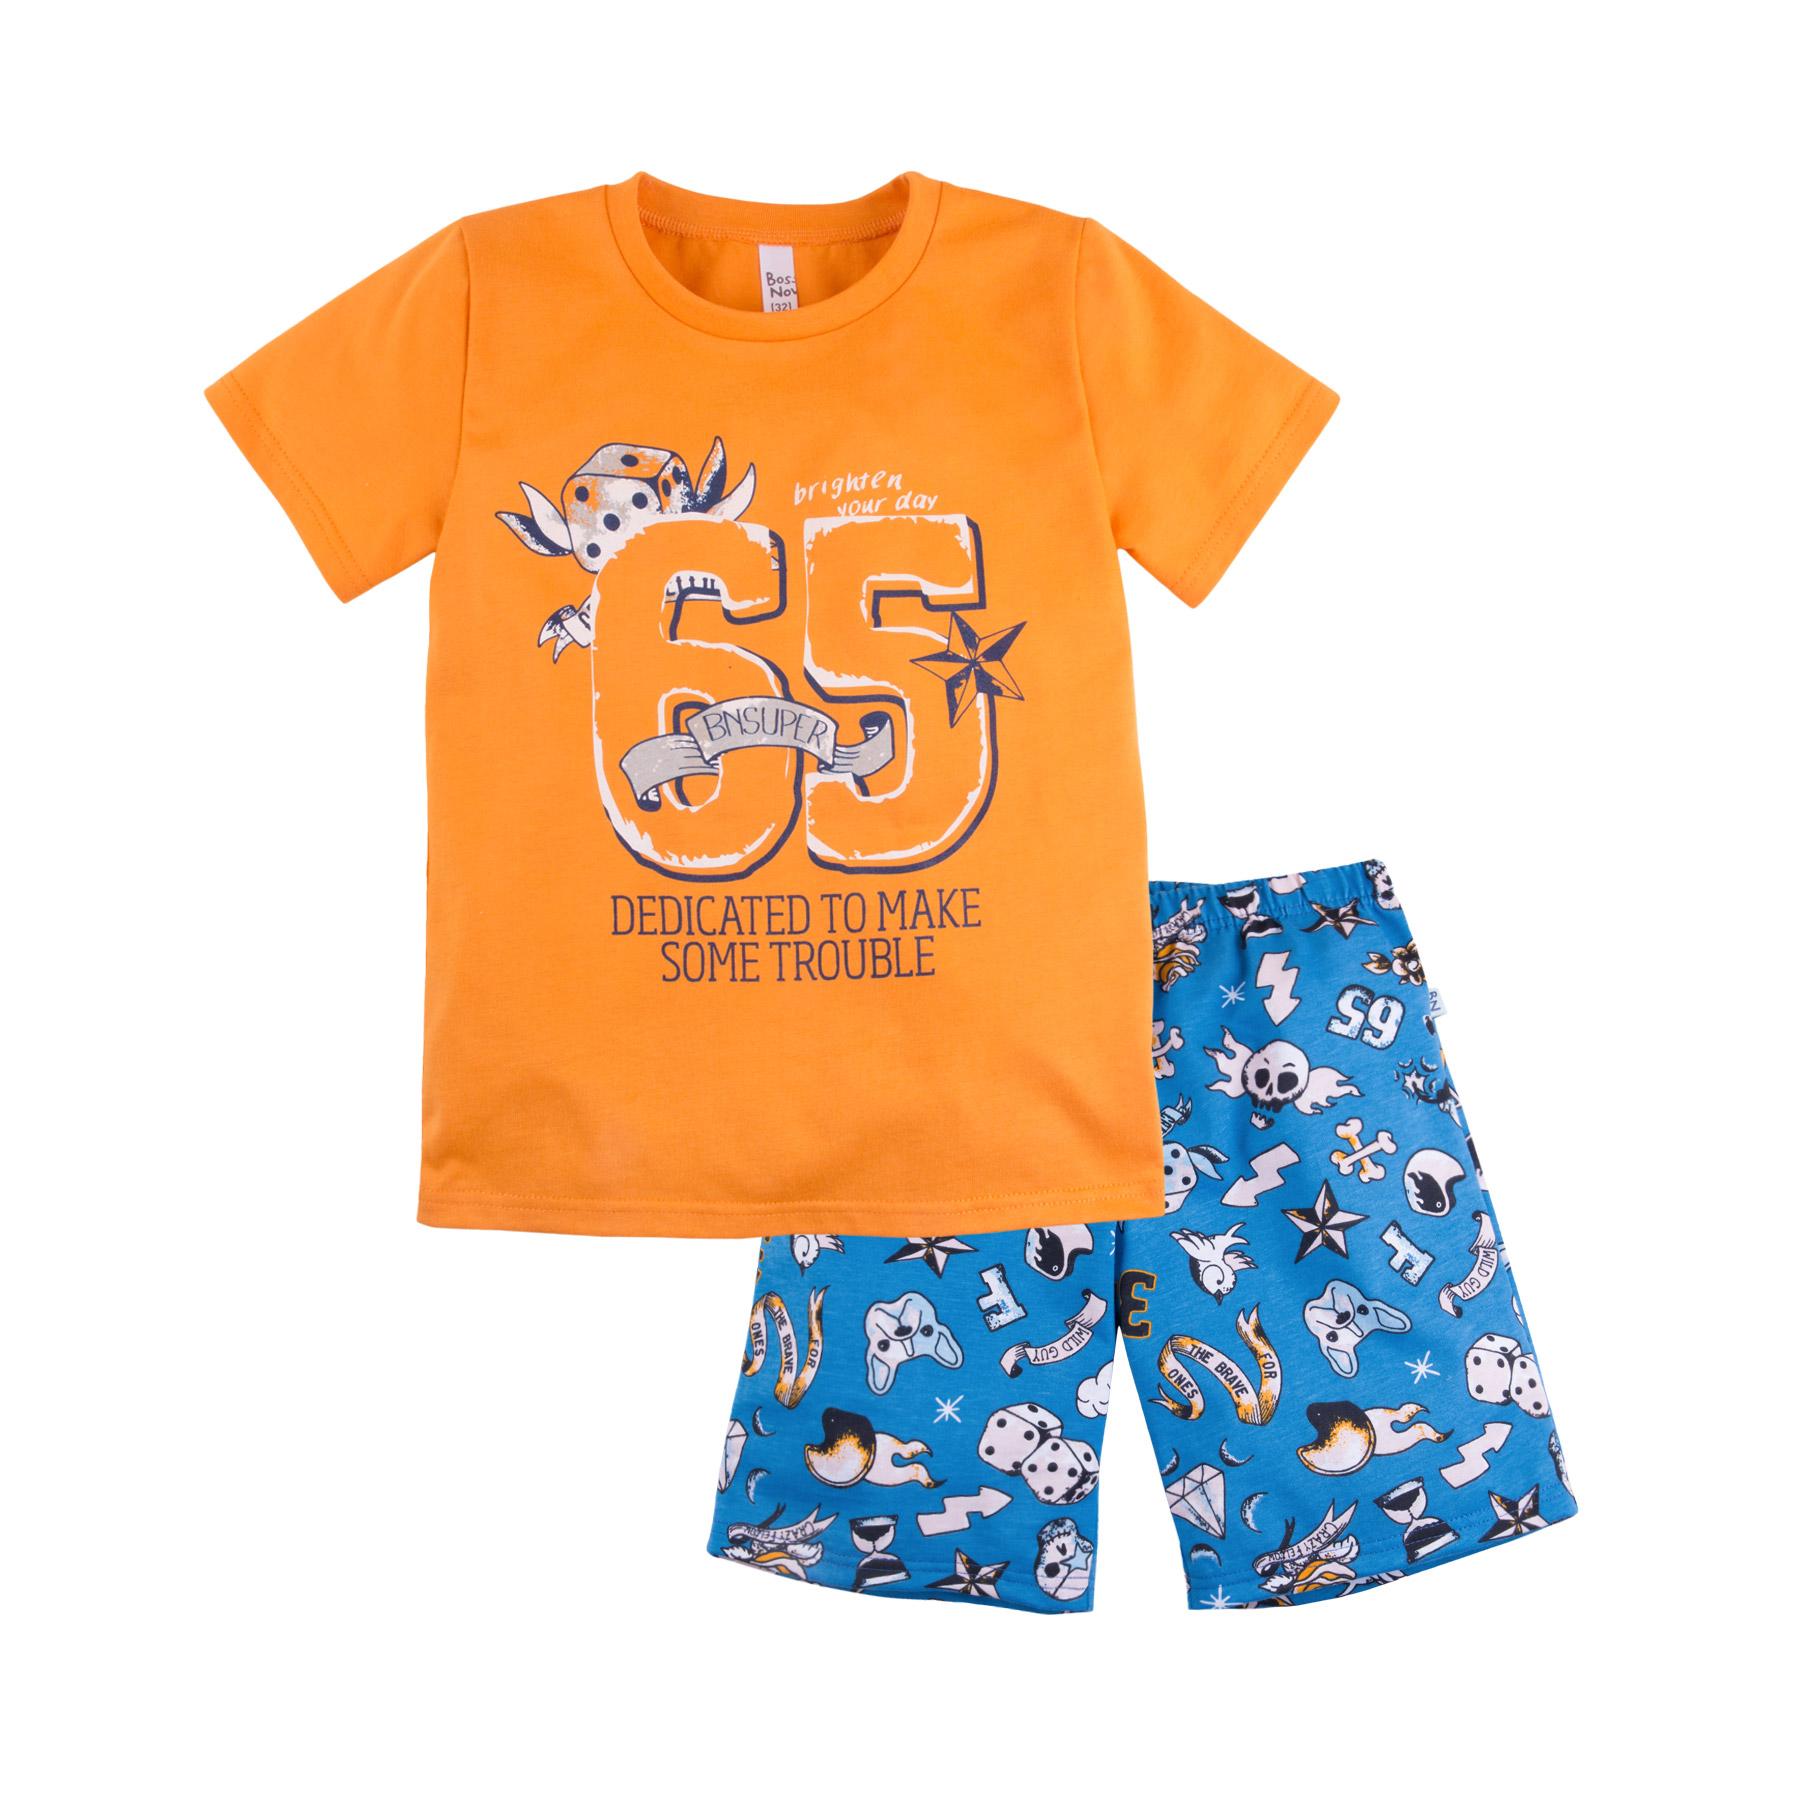 Купить Пижама Bossa Nova Тату для мальчика: футболка и шорты, оранжевая, Журавлик, Россия, Оранжевый, 110